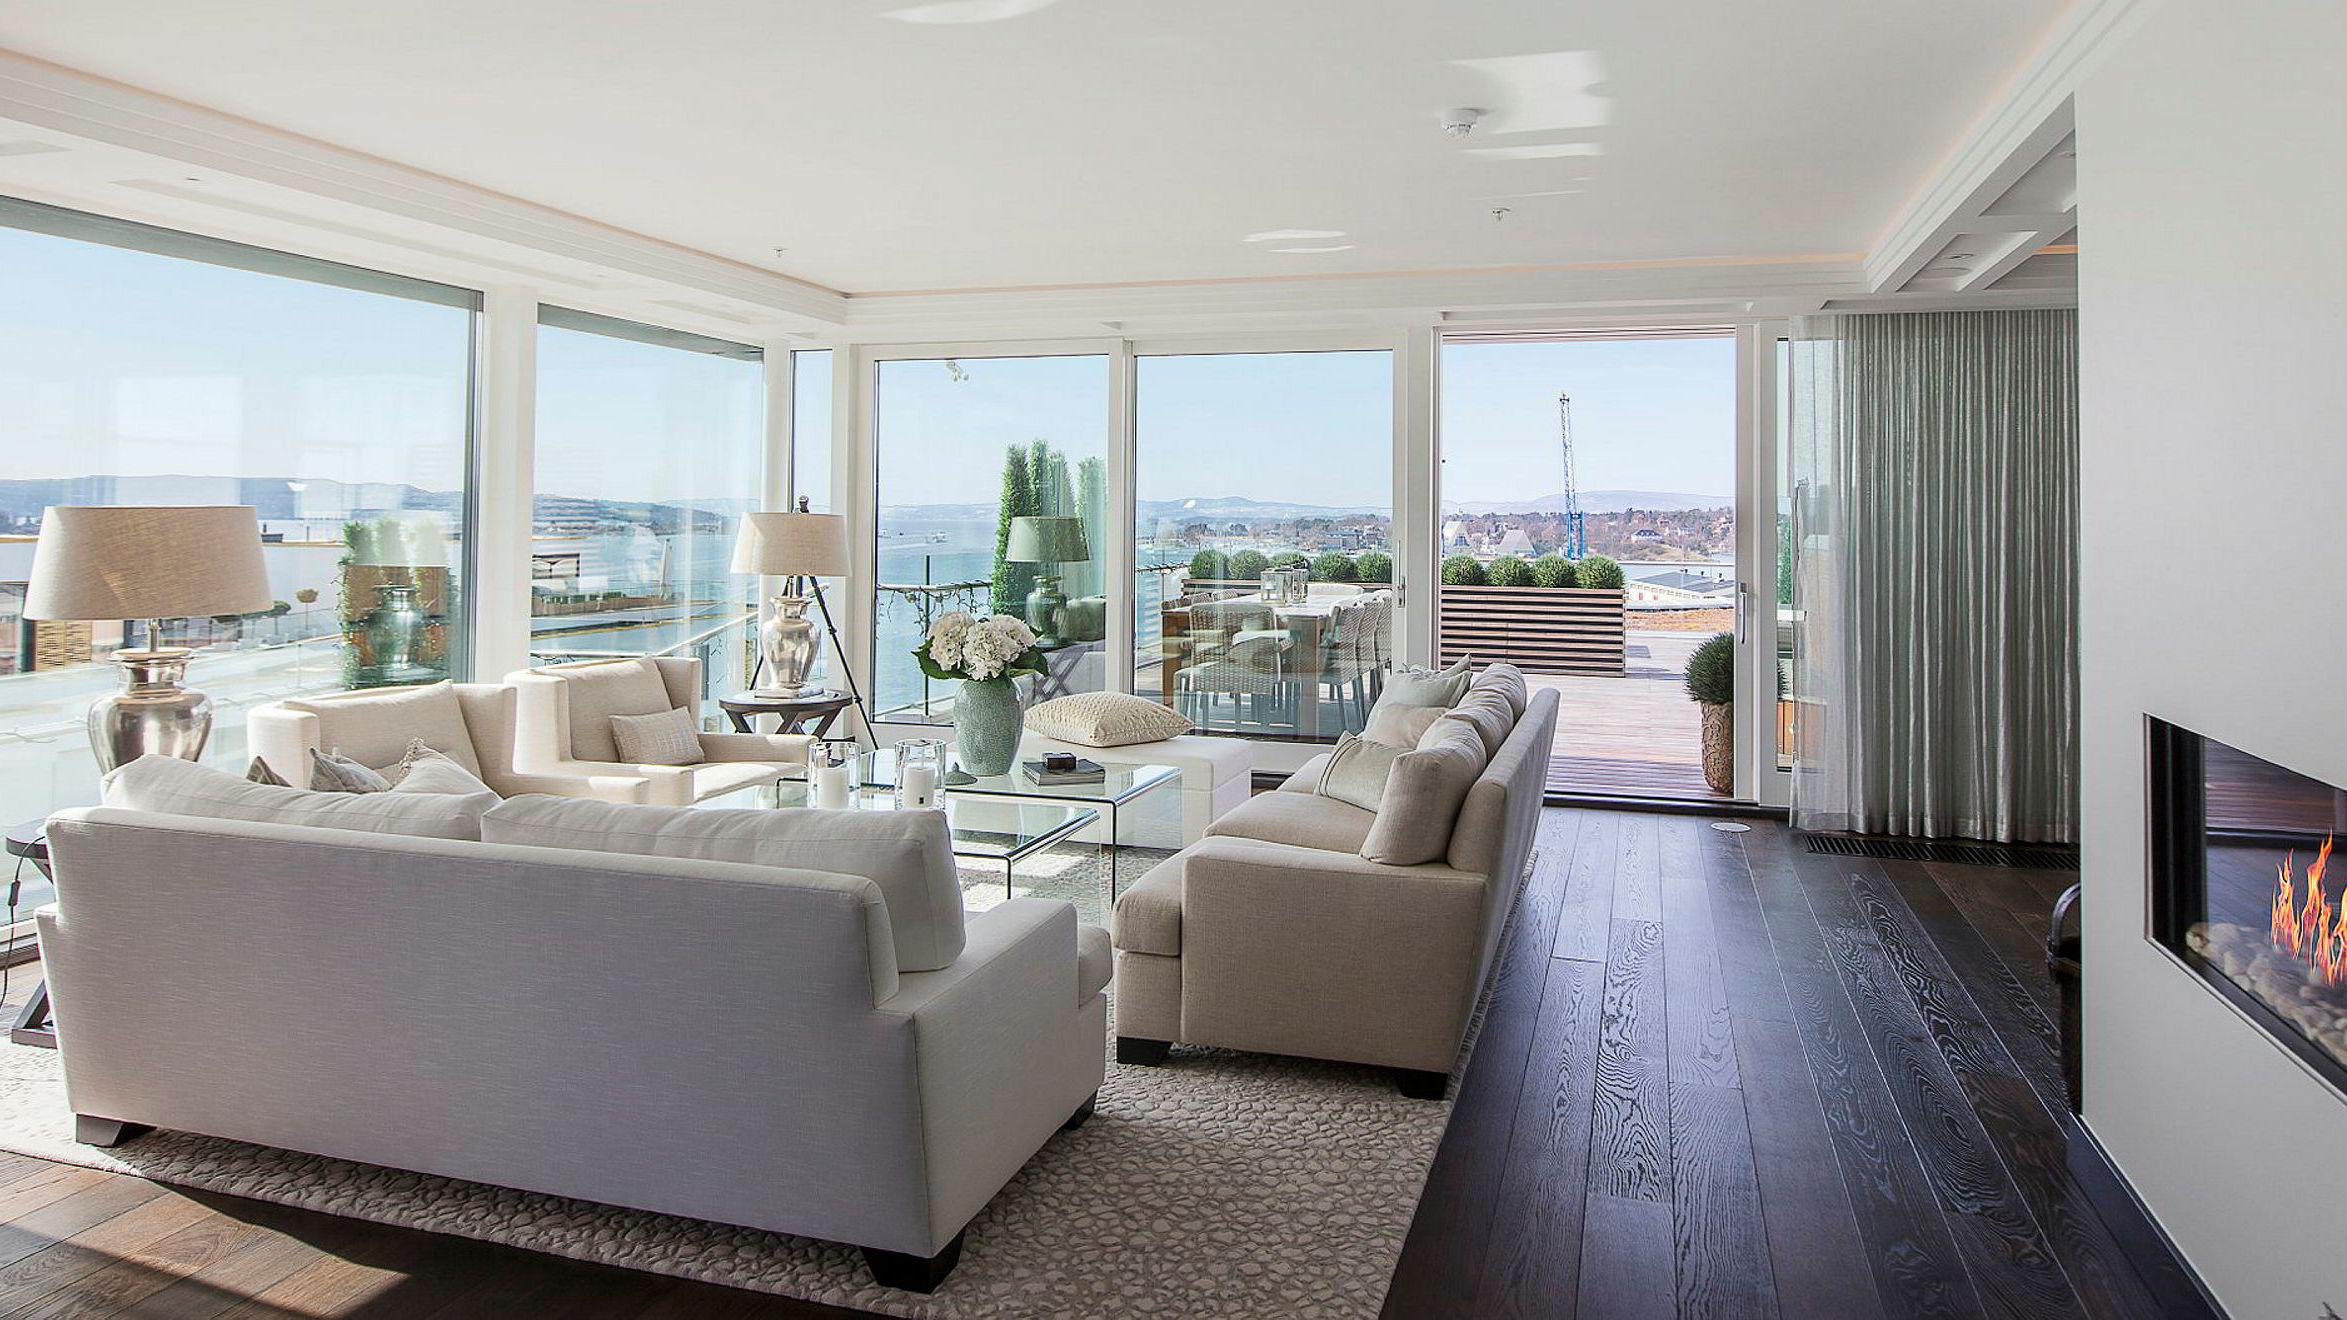 Den 201 kvadratmeter store toppleiligheten på Tjuvholmen ble solgt to millioner kroner under prisantydning.